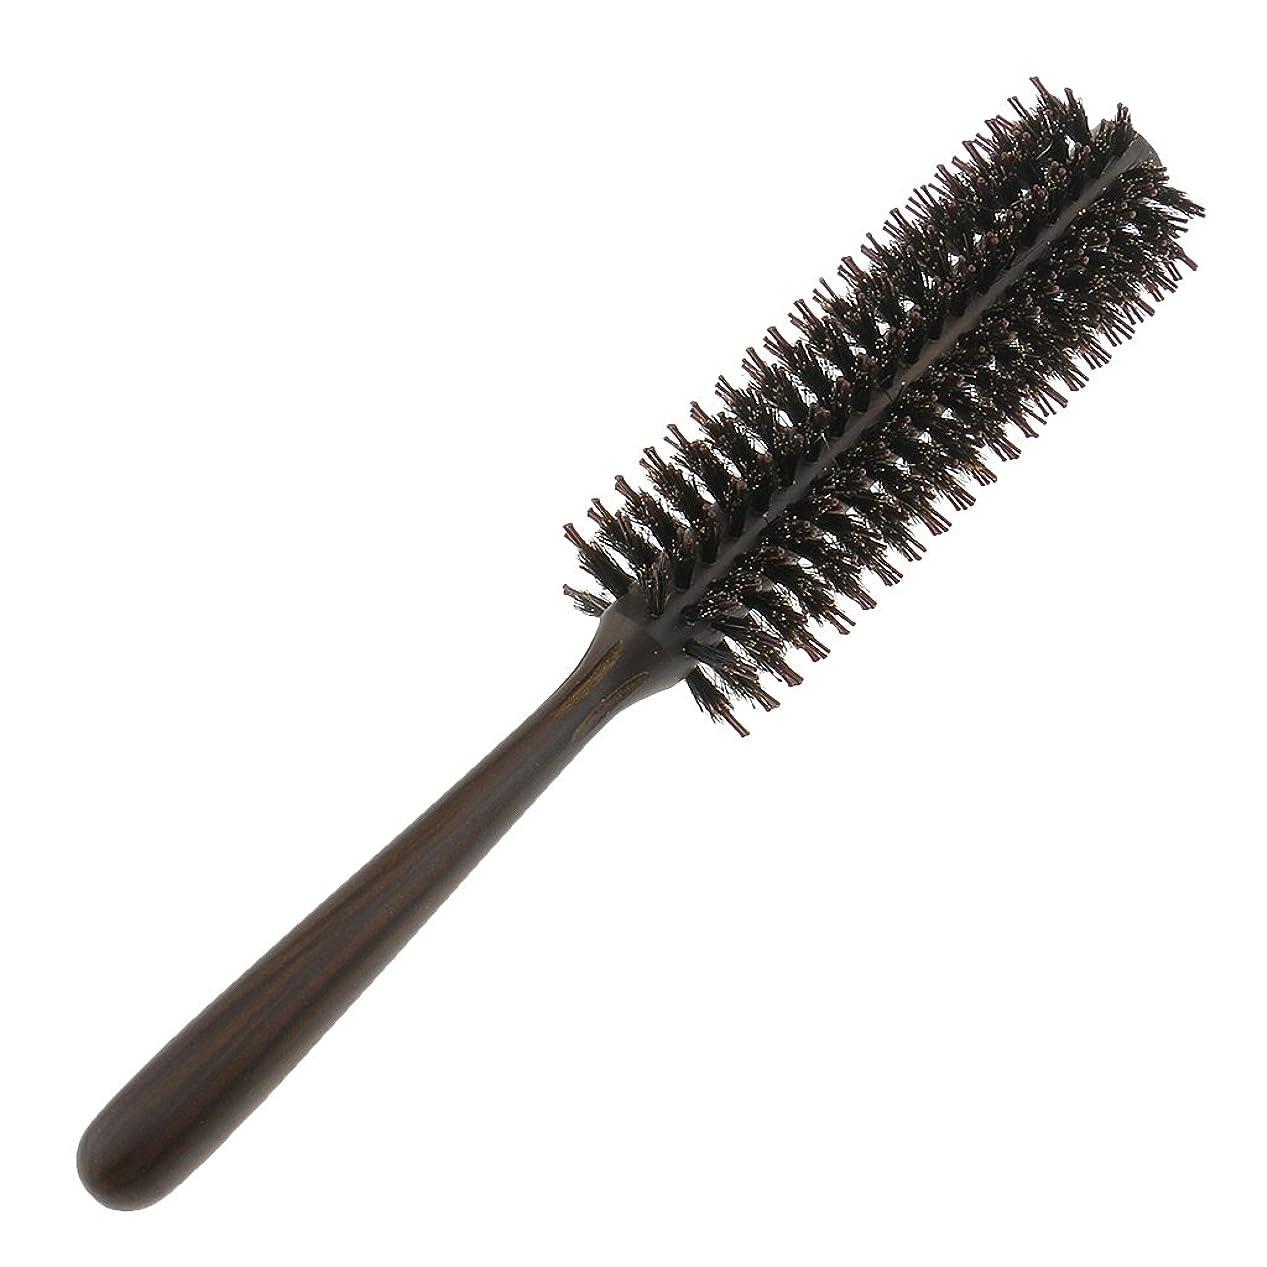 倫理的切り離す傾向がありますヘアコーム ロールブラシ 耐熱 ブロー カール 巻き髪 ヘアブラシ ロール 頭マッサージ 櫛 くし